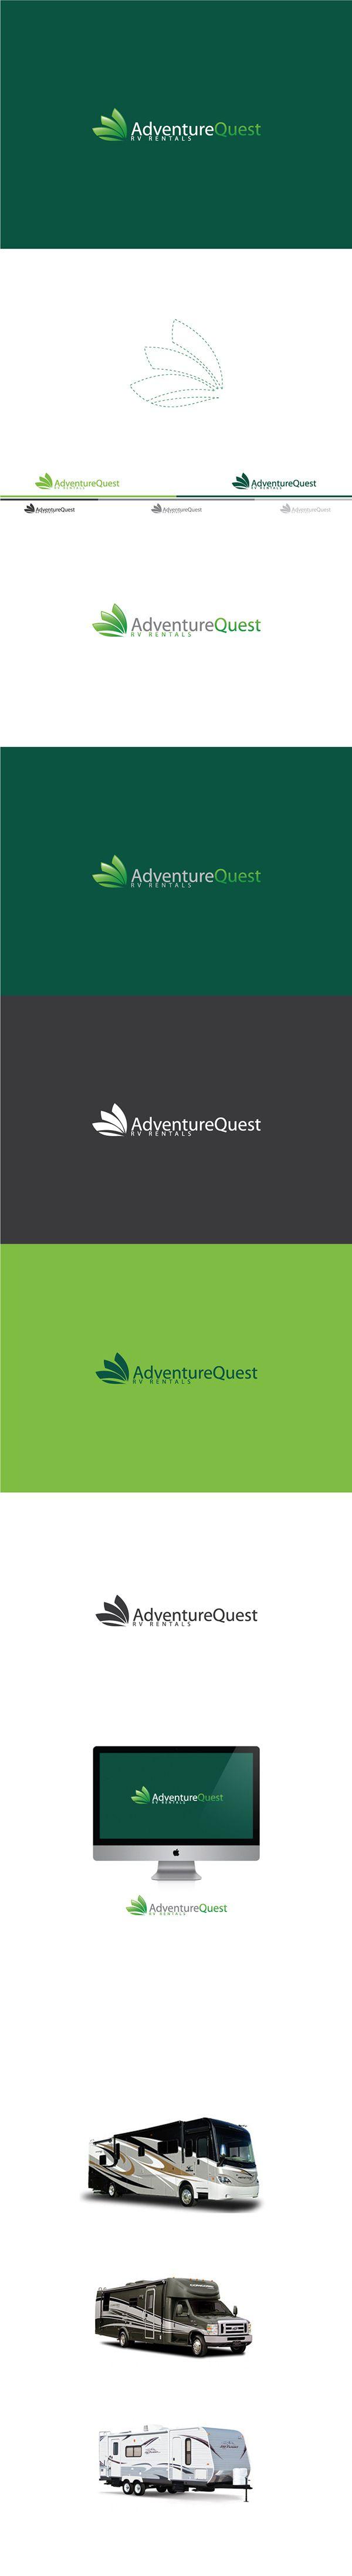 Adventure Quest RV Rentals on Behance